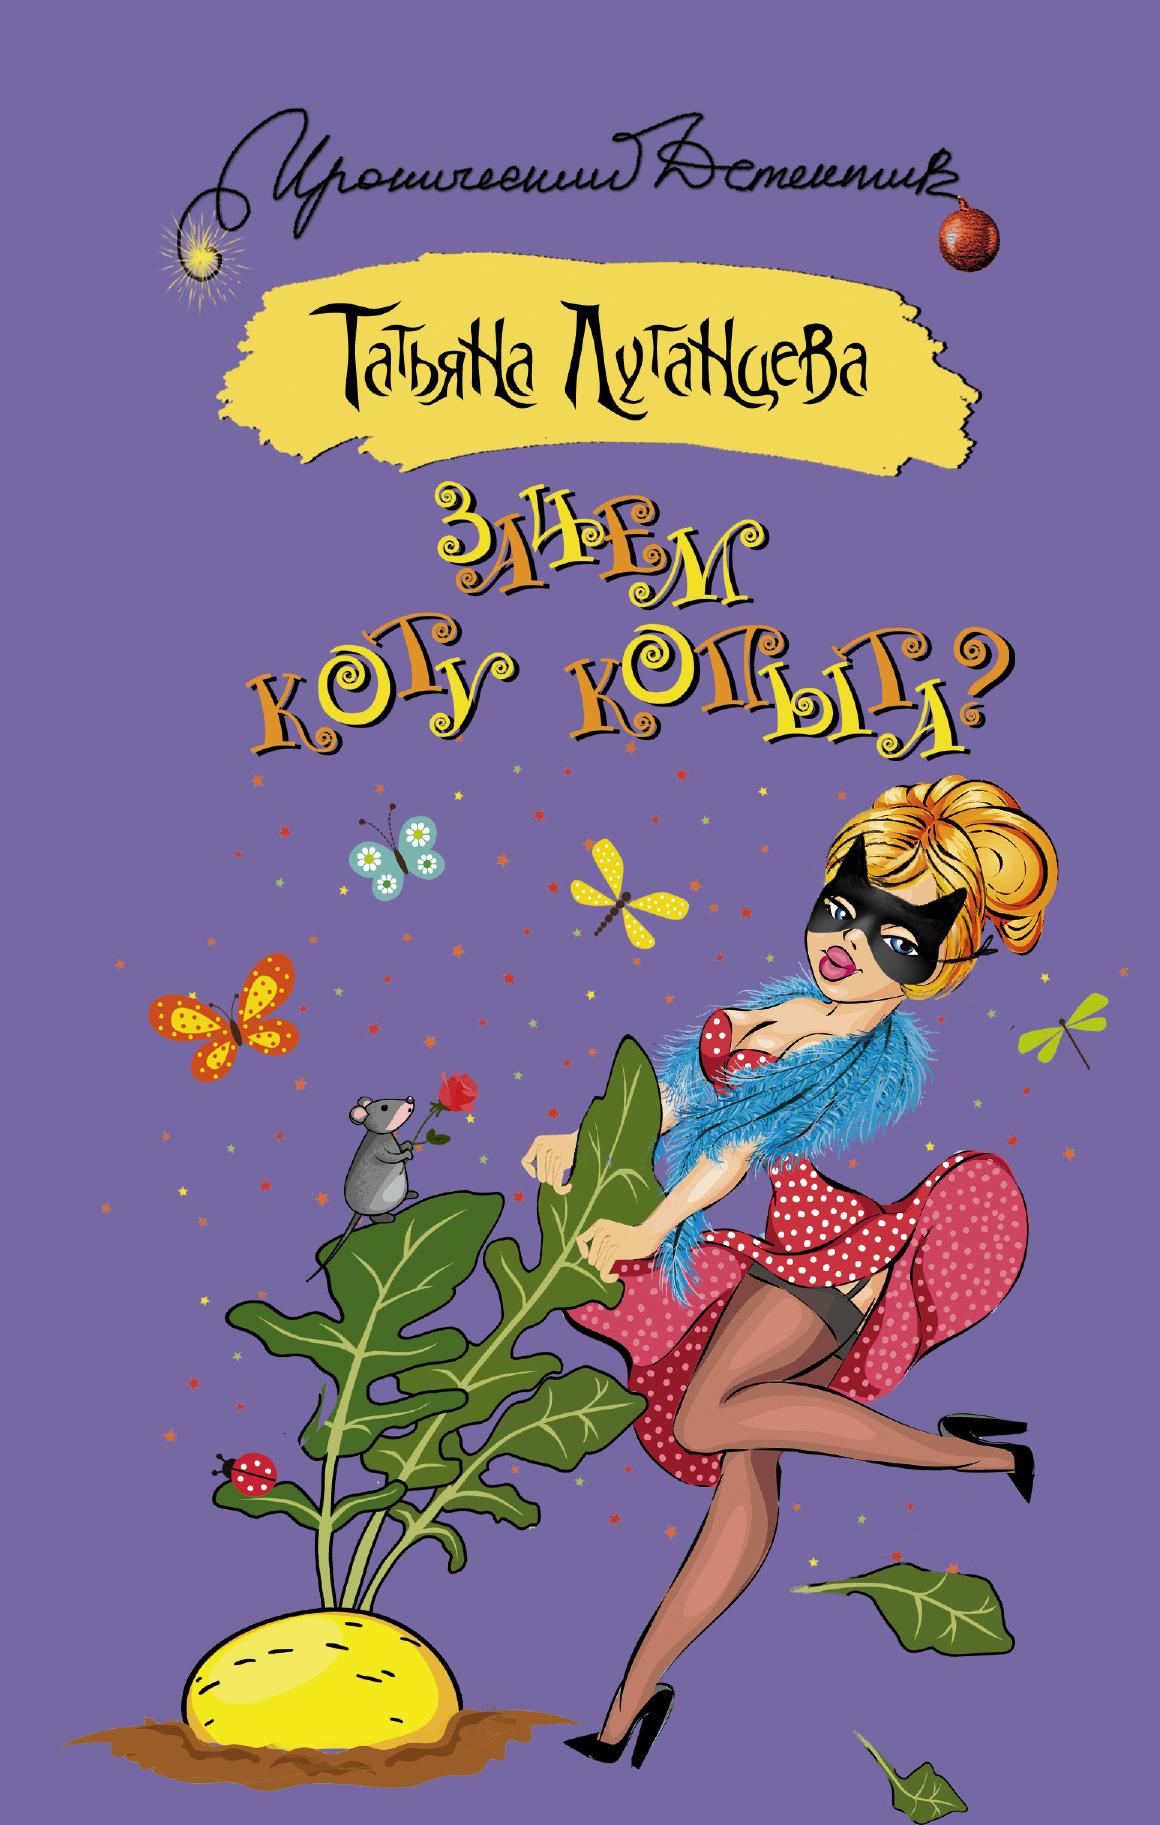 купить Луганцева Татьяна Игоревна Зачем коту копыта? по цене 256 рублей